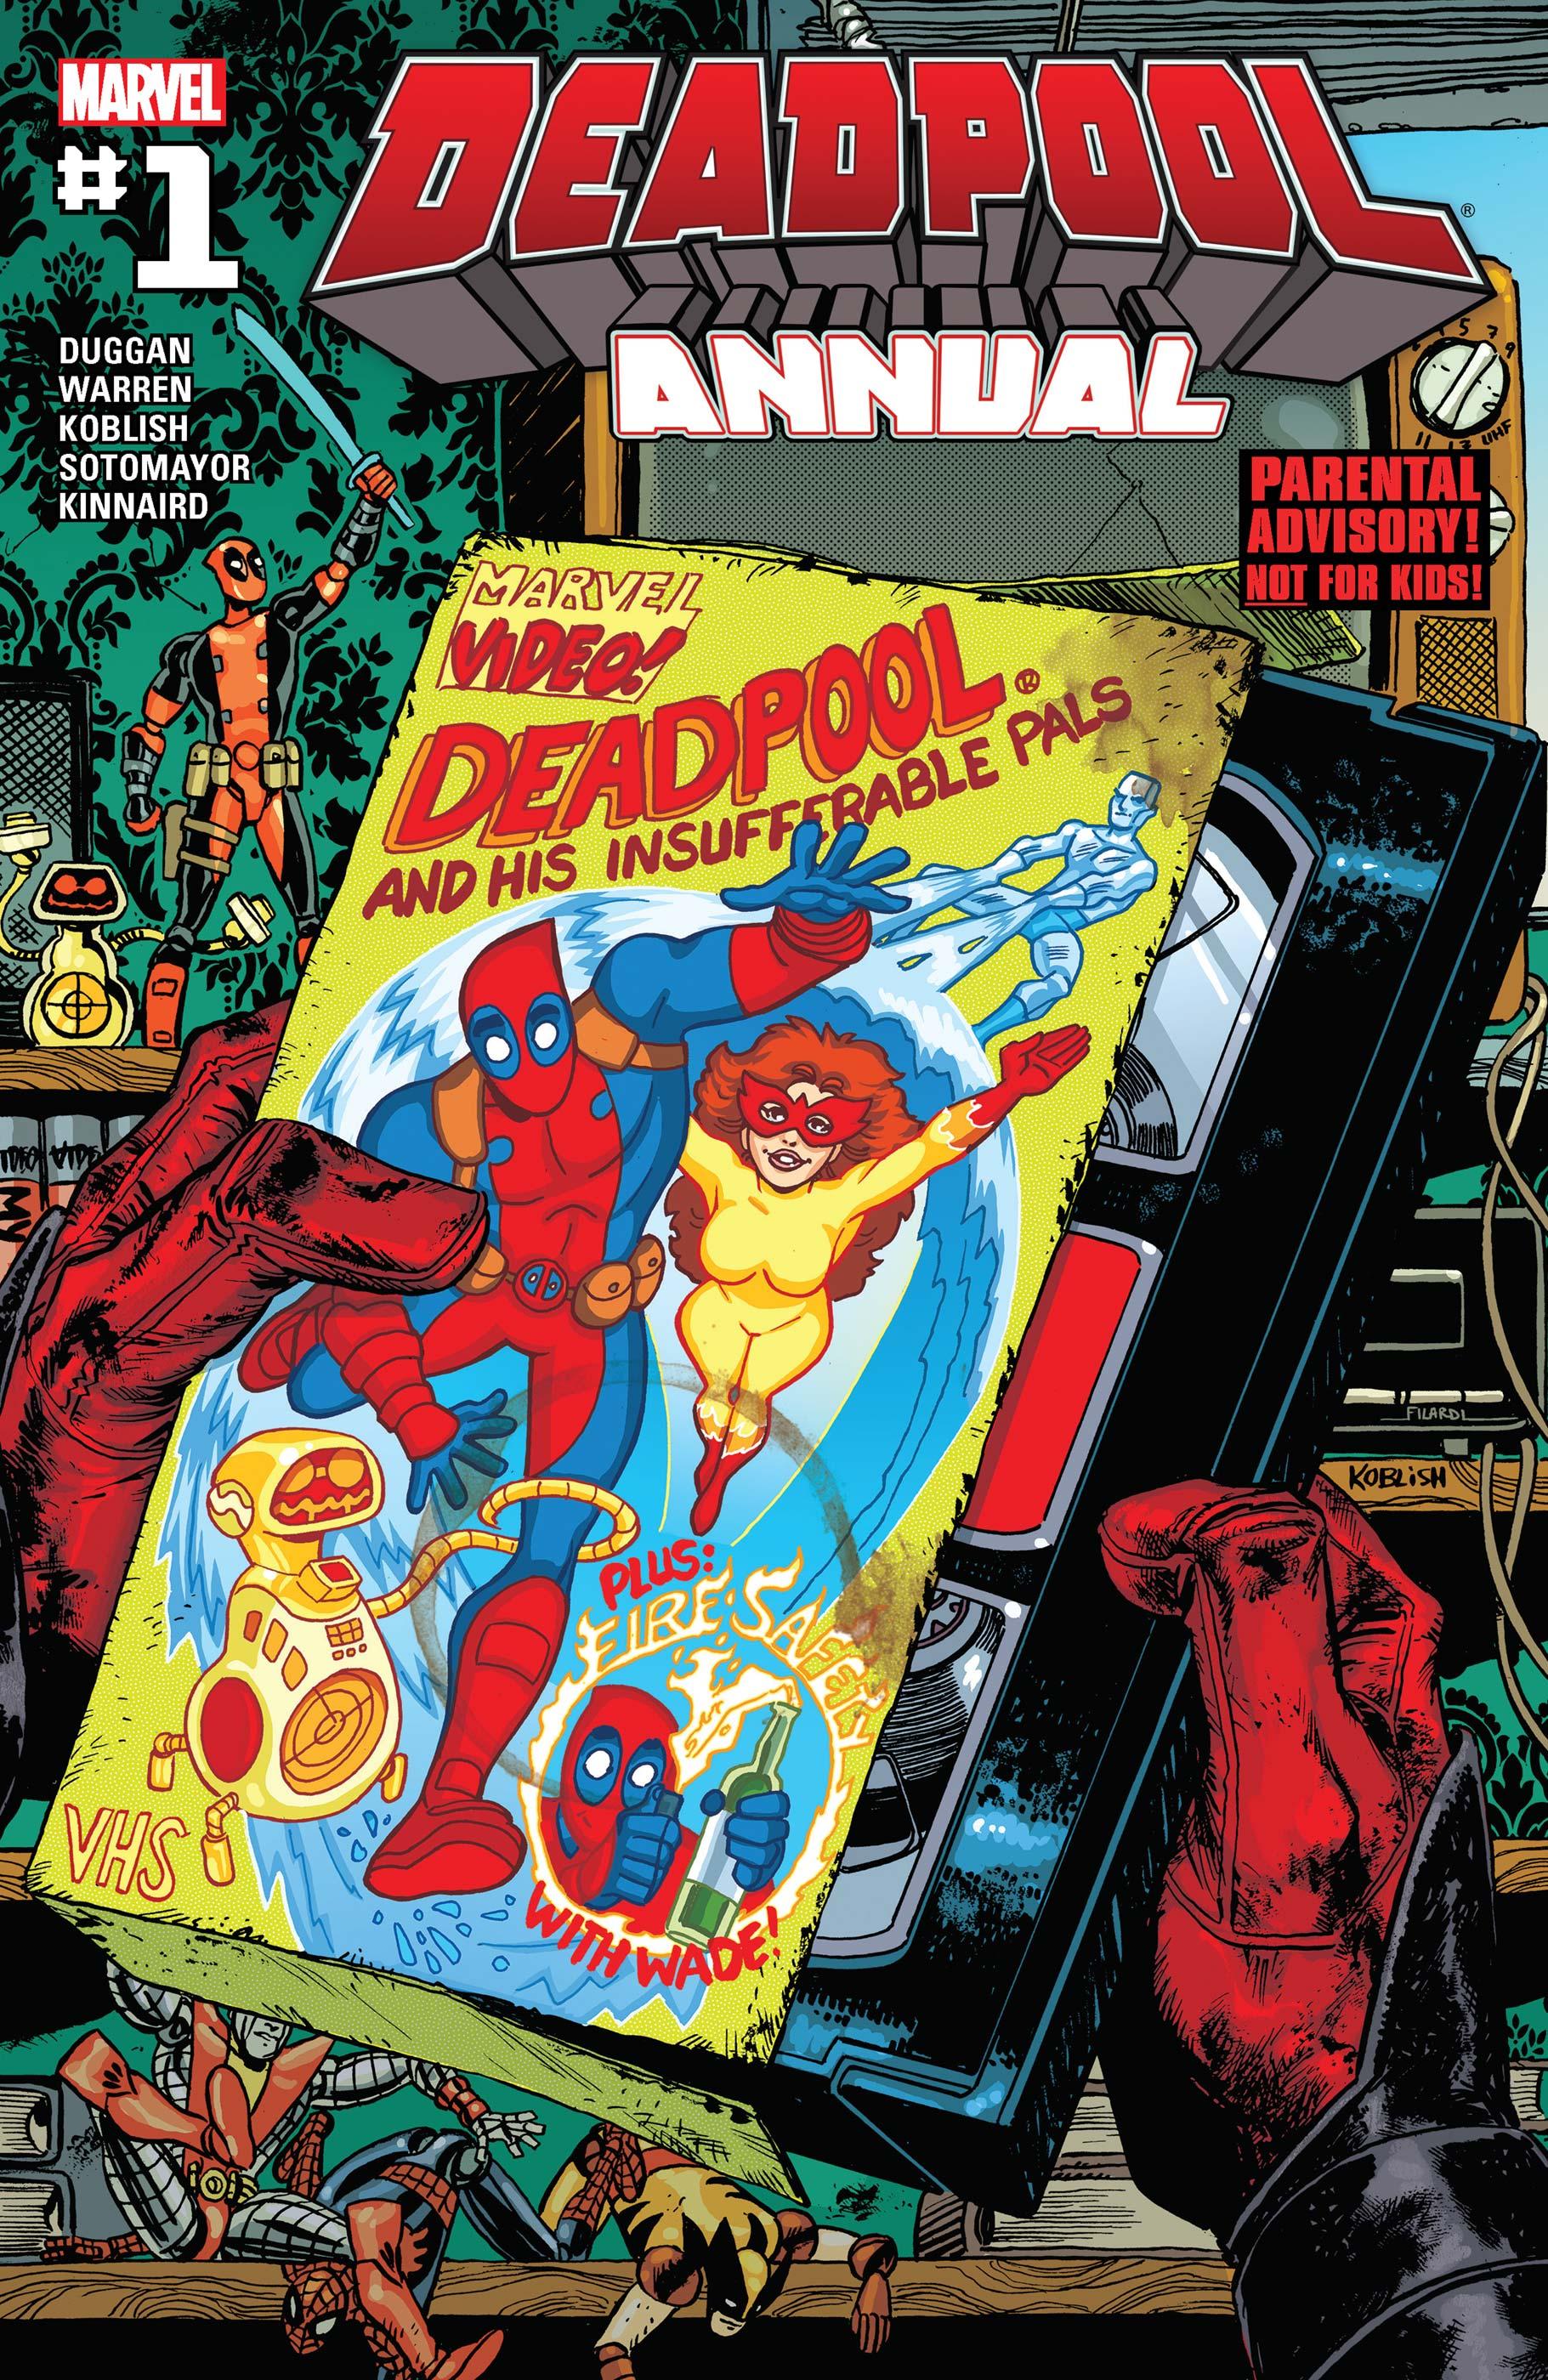 Deadpool Annual (2016) #1